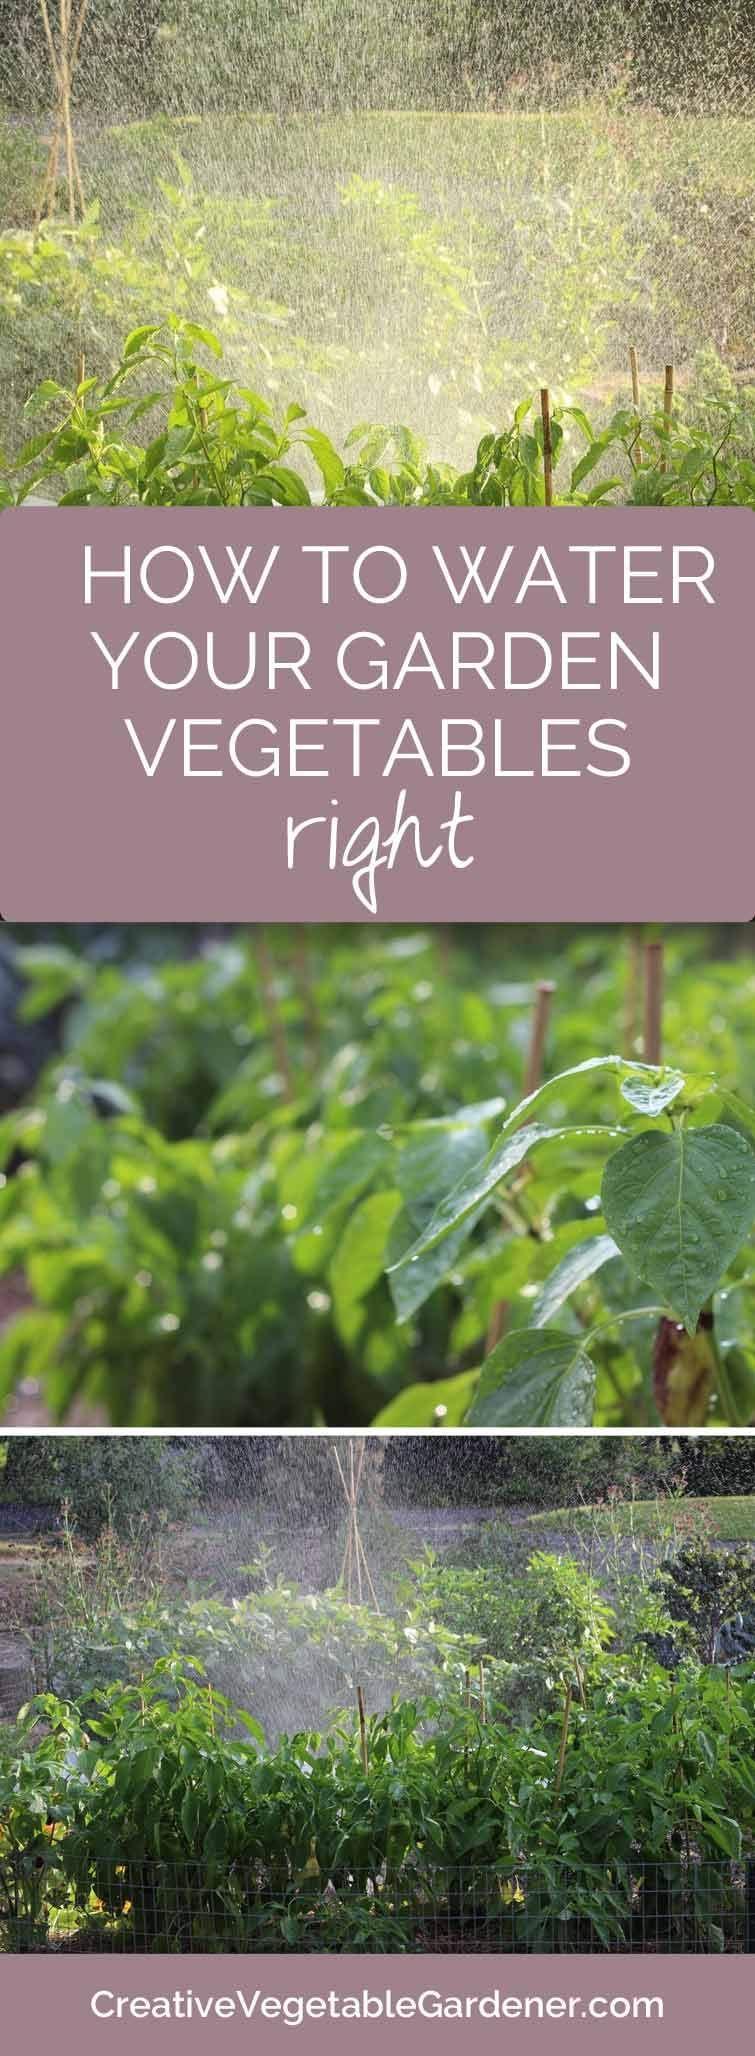 how to water your vegetable garden in summer vegetable garden